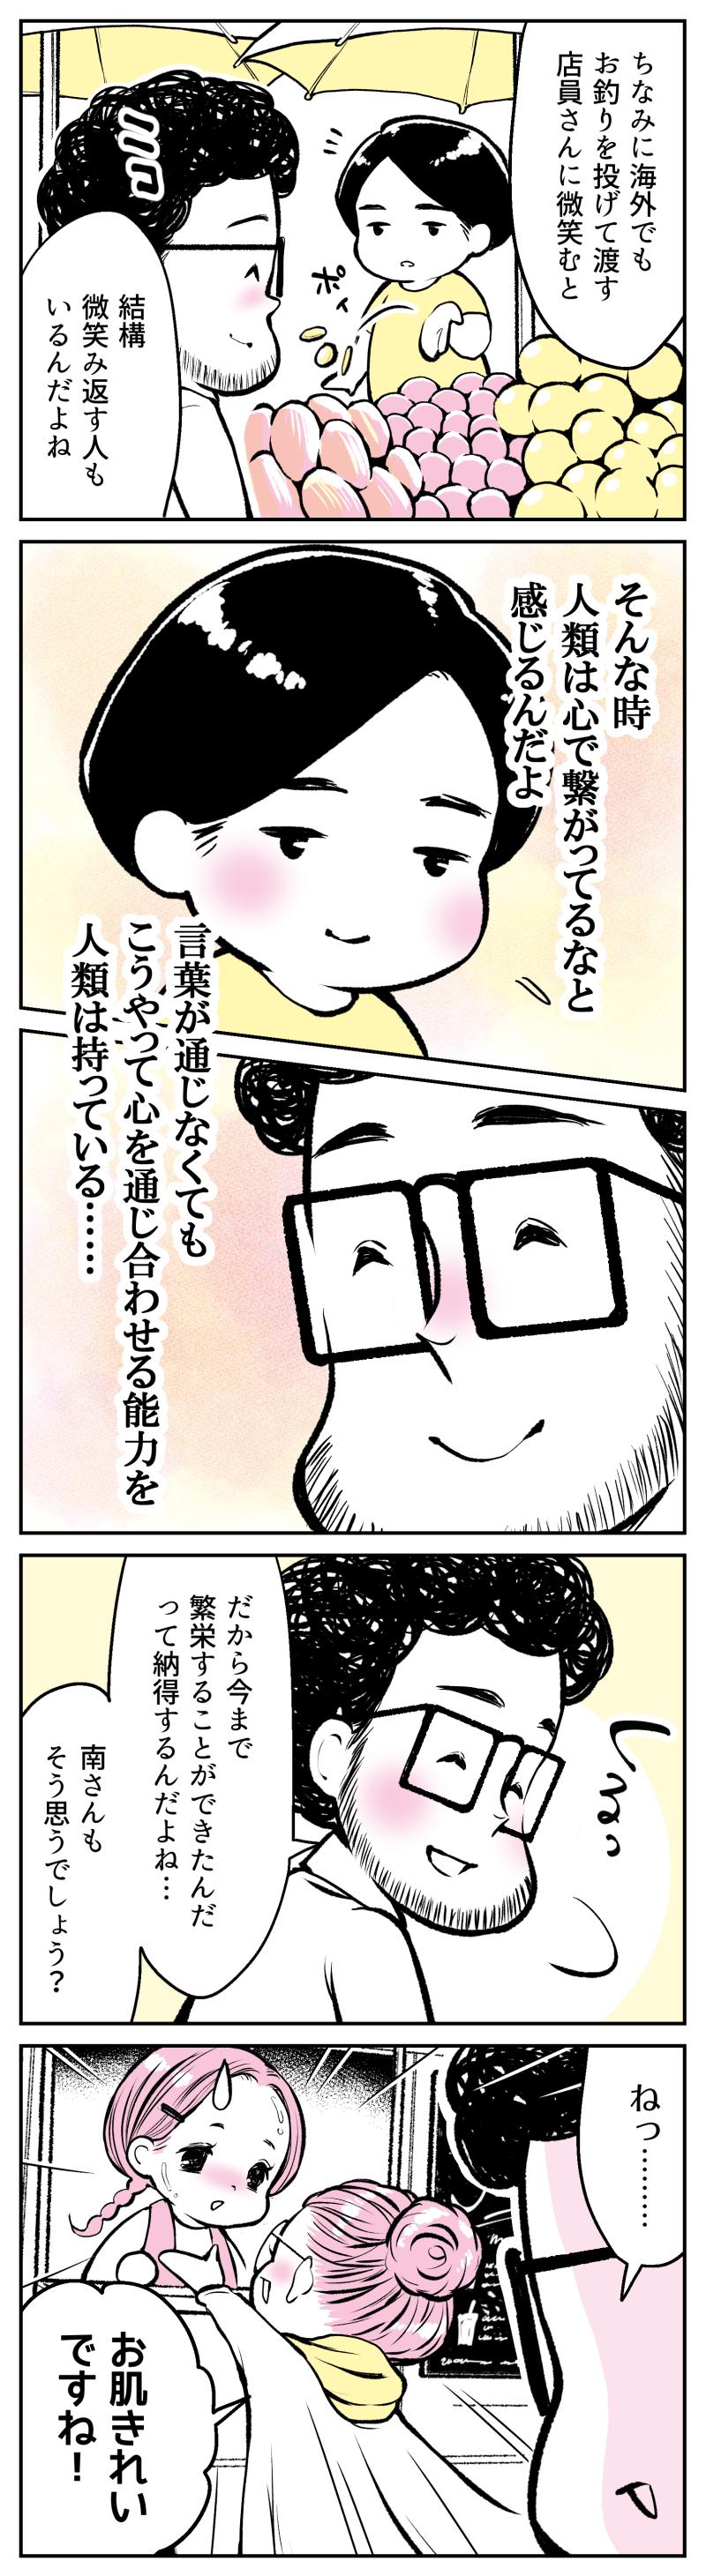 伯爵2話_007.jpg